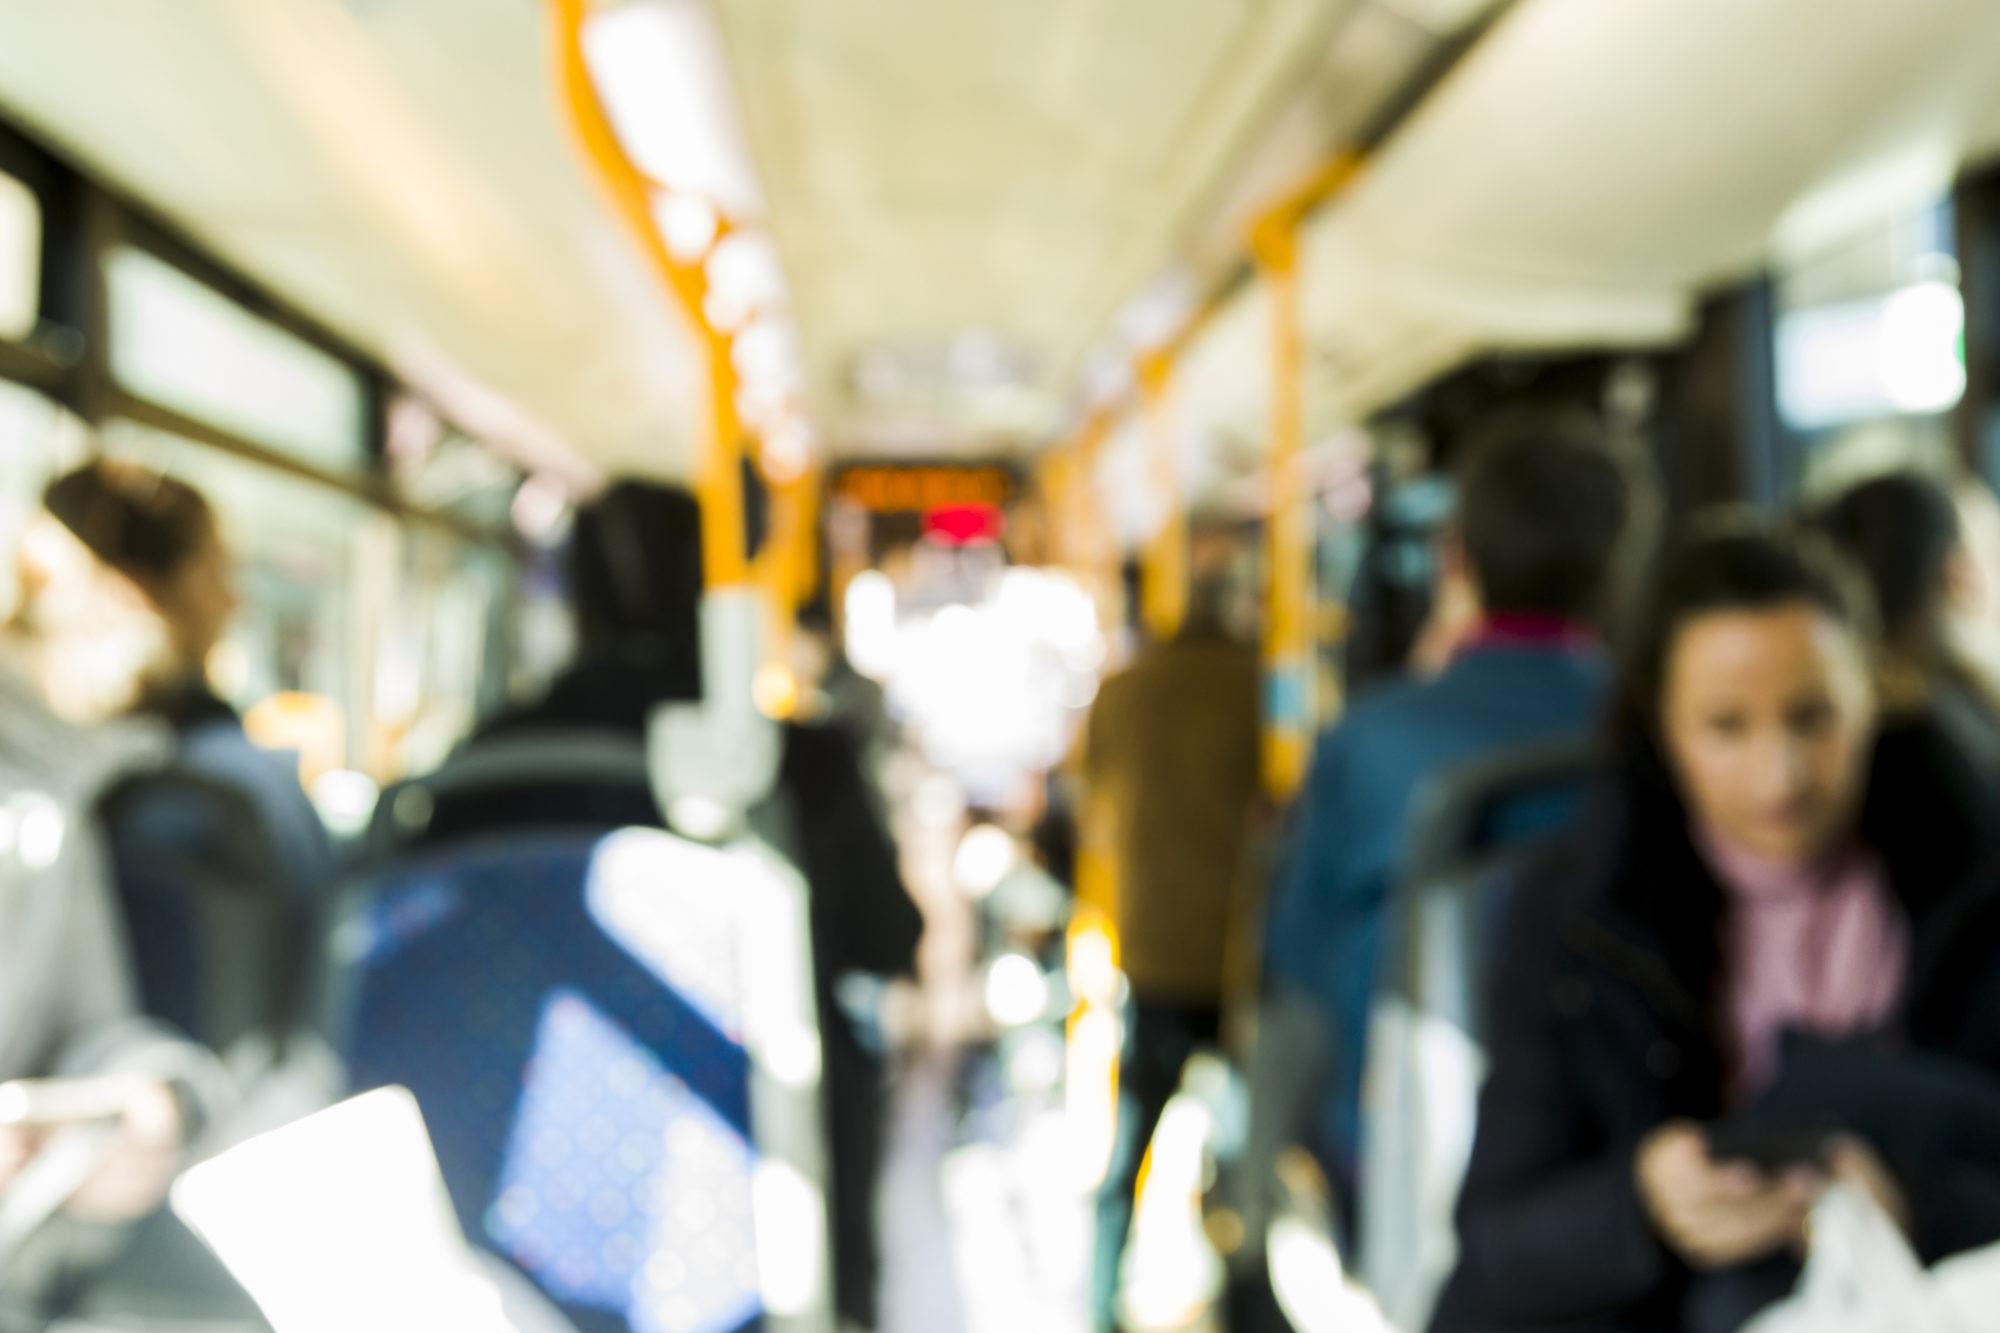 SPTRANS para Circulação De Fretados No Transporte De Passageiros